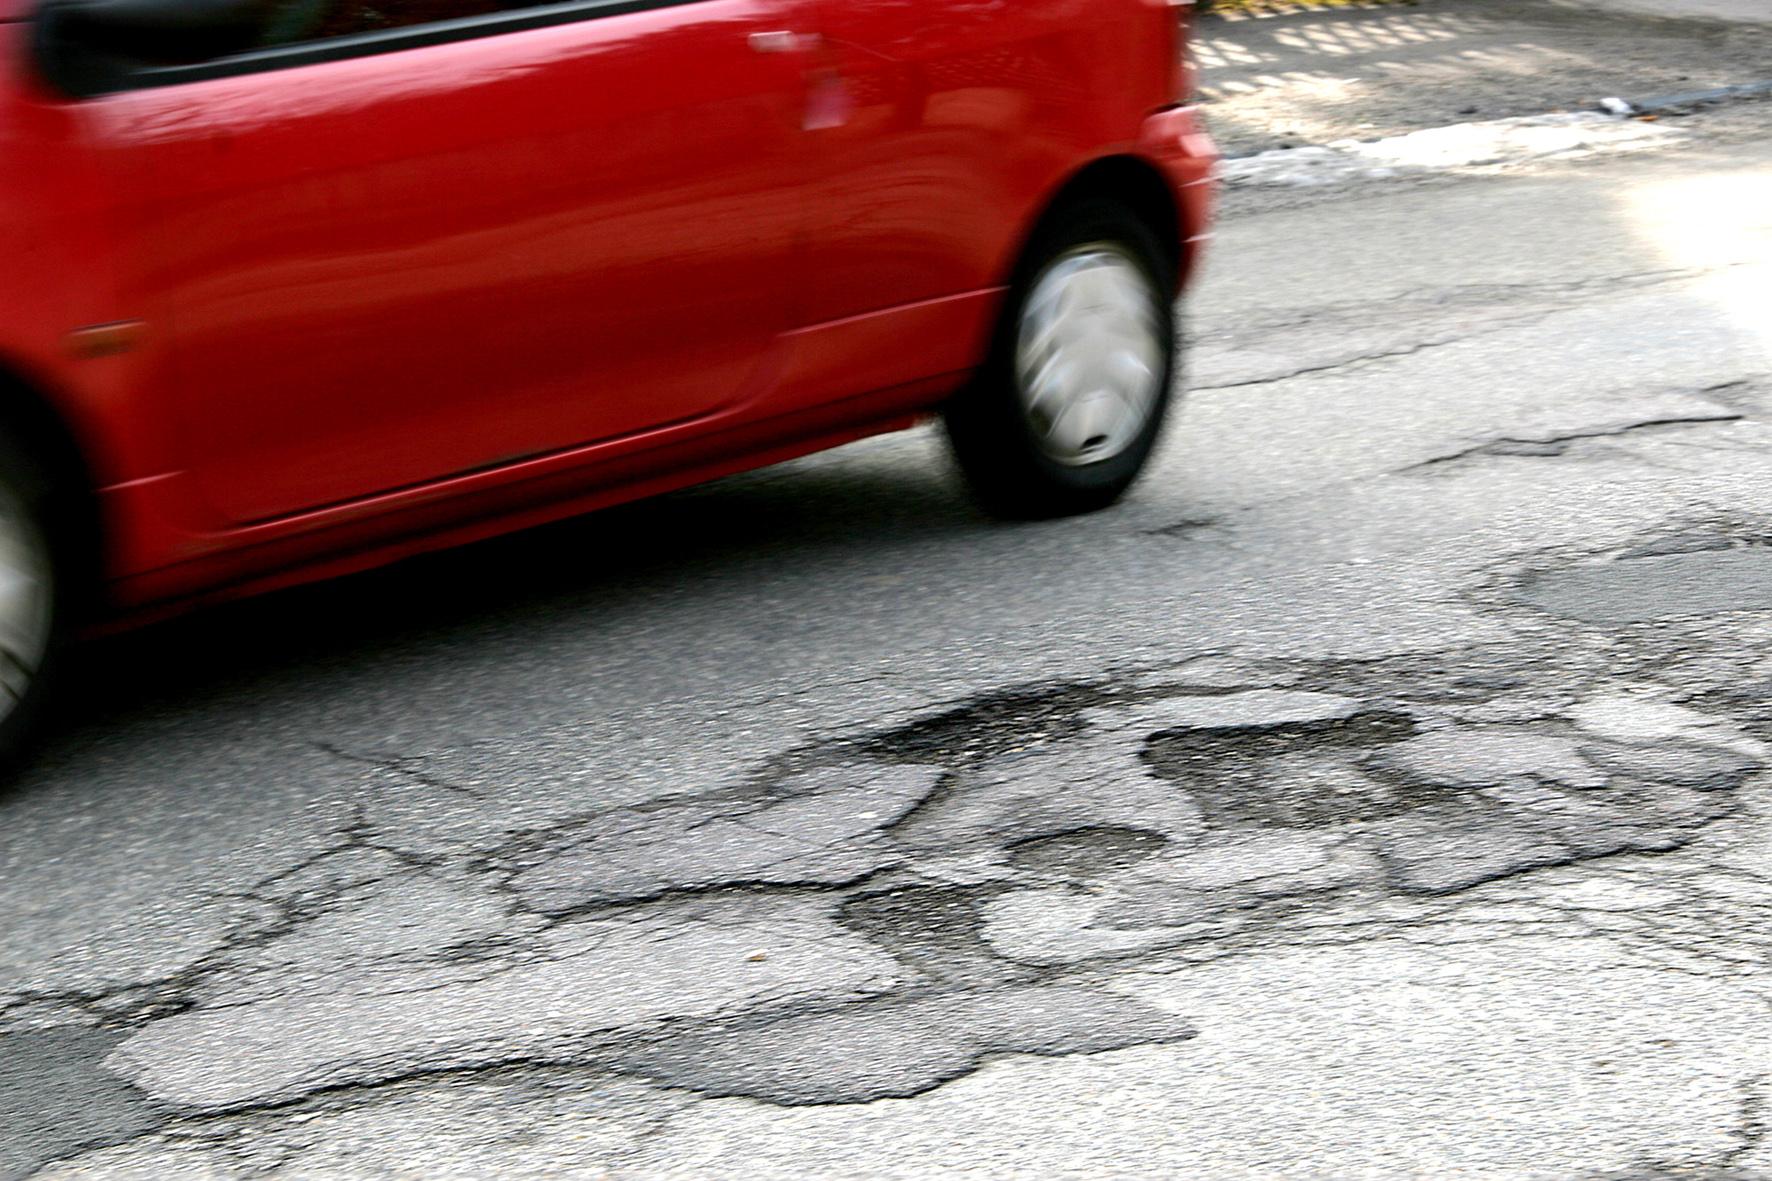 mid Groß-Gerau - Der Erhalt und der Ausbau des Straßennetzes hat für die deutschen Autofahrer hohe Priorität. ACE